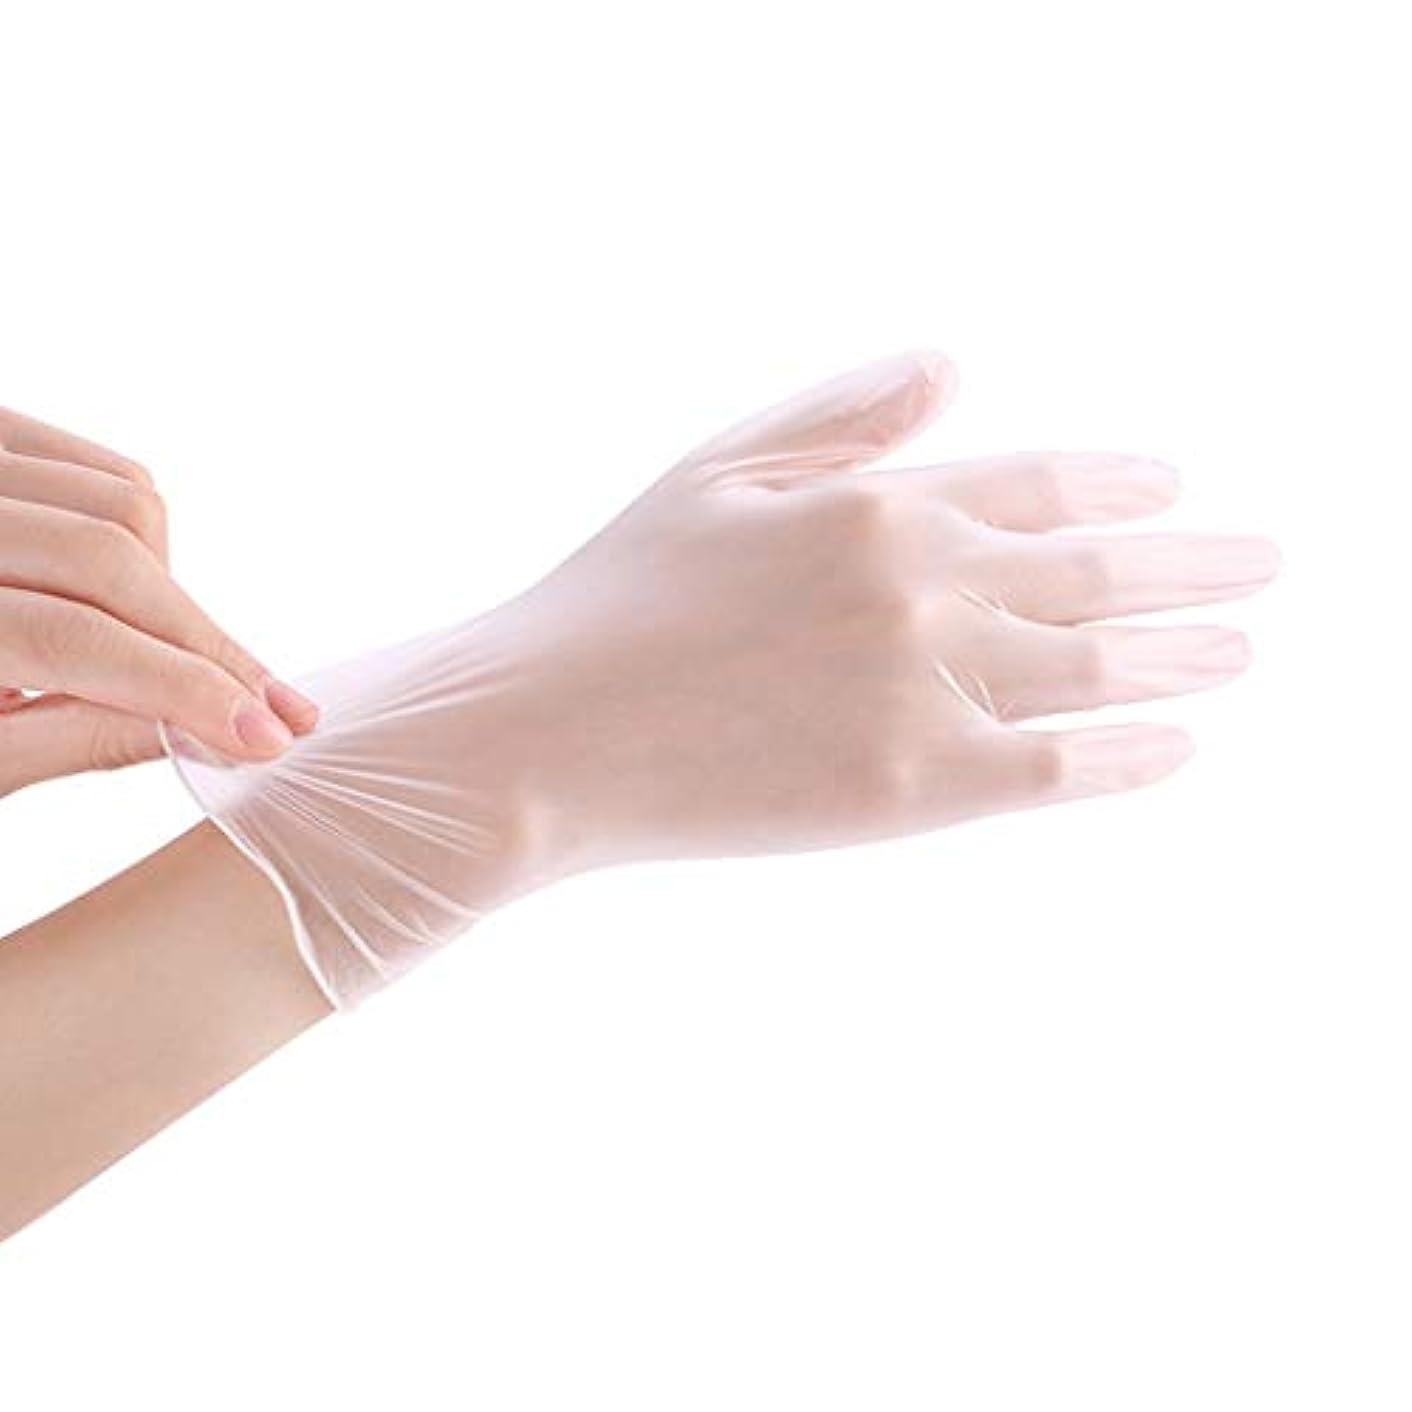 体系的に錆び第九使い捨て透明食品ケータリンググレードPVC手袋美容キッチンベーキングフィルム手袋200 YANW (色 : トランスペアレント, サイズ さいず : L l)